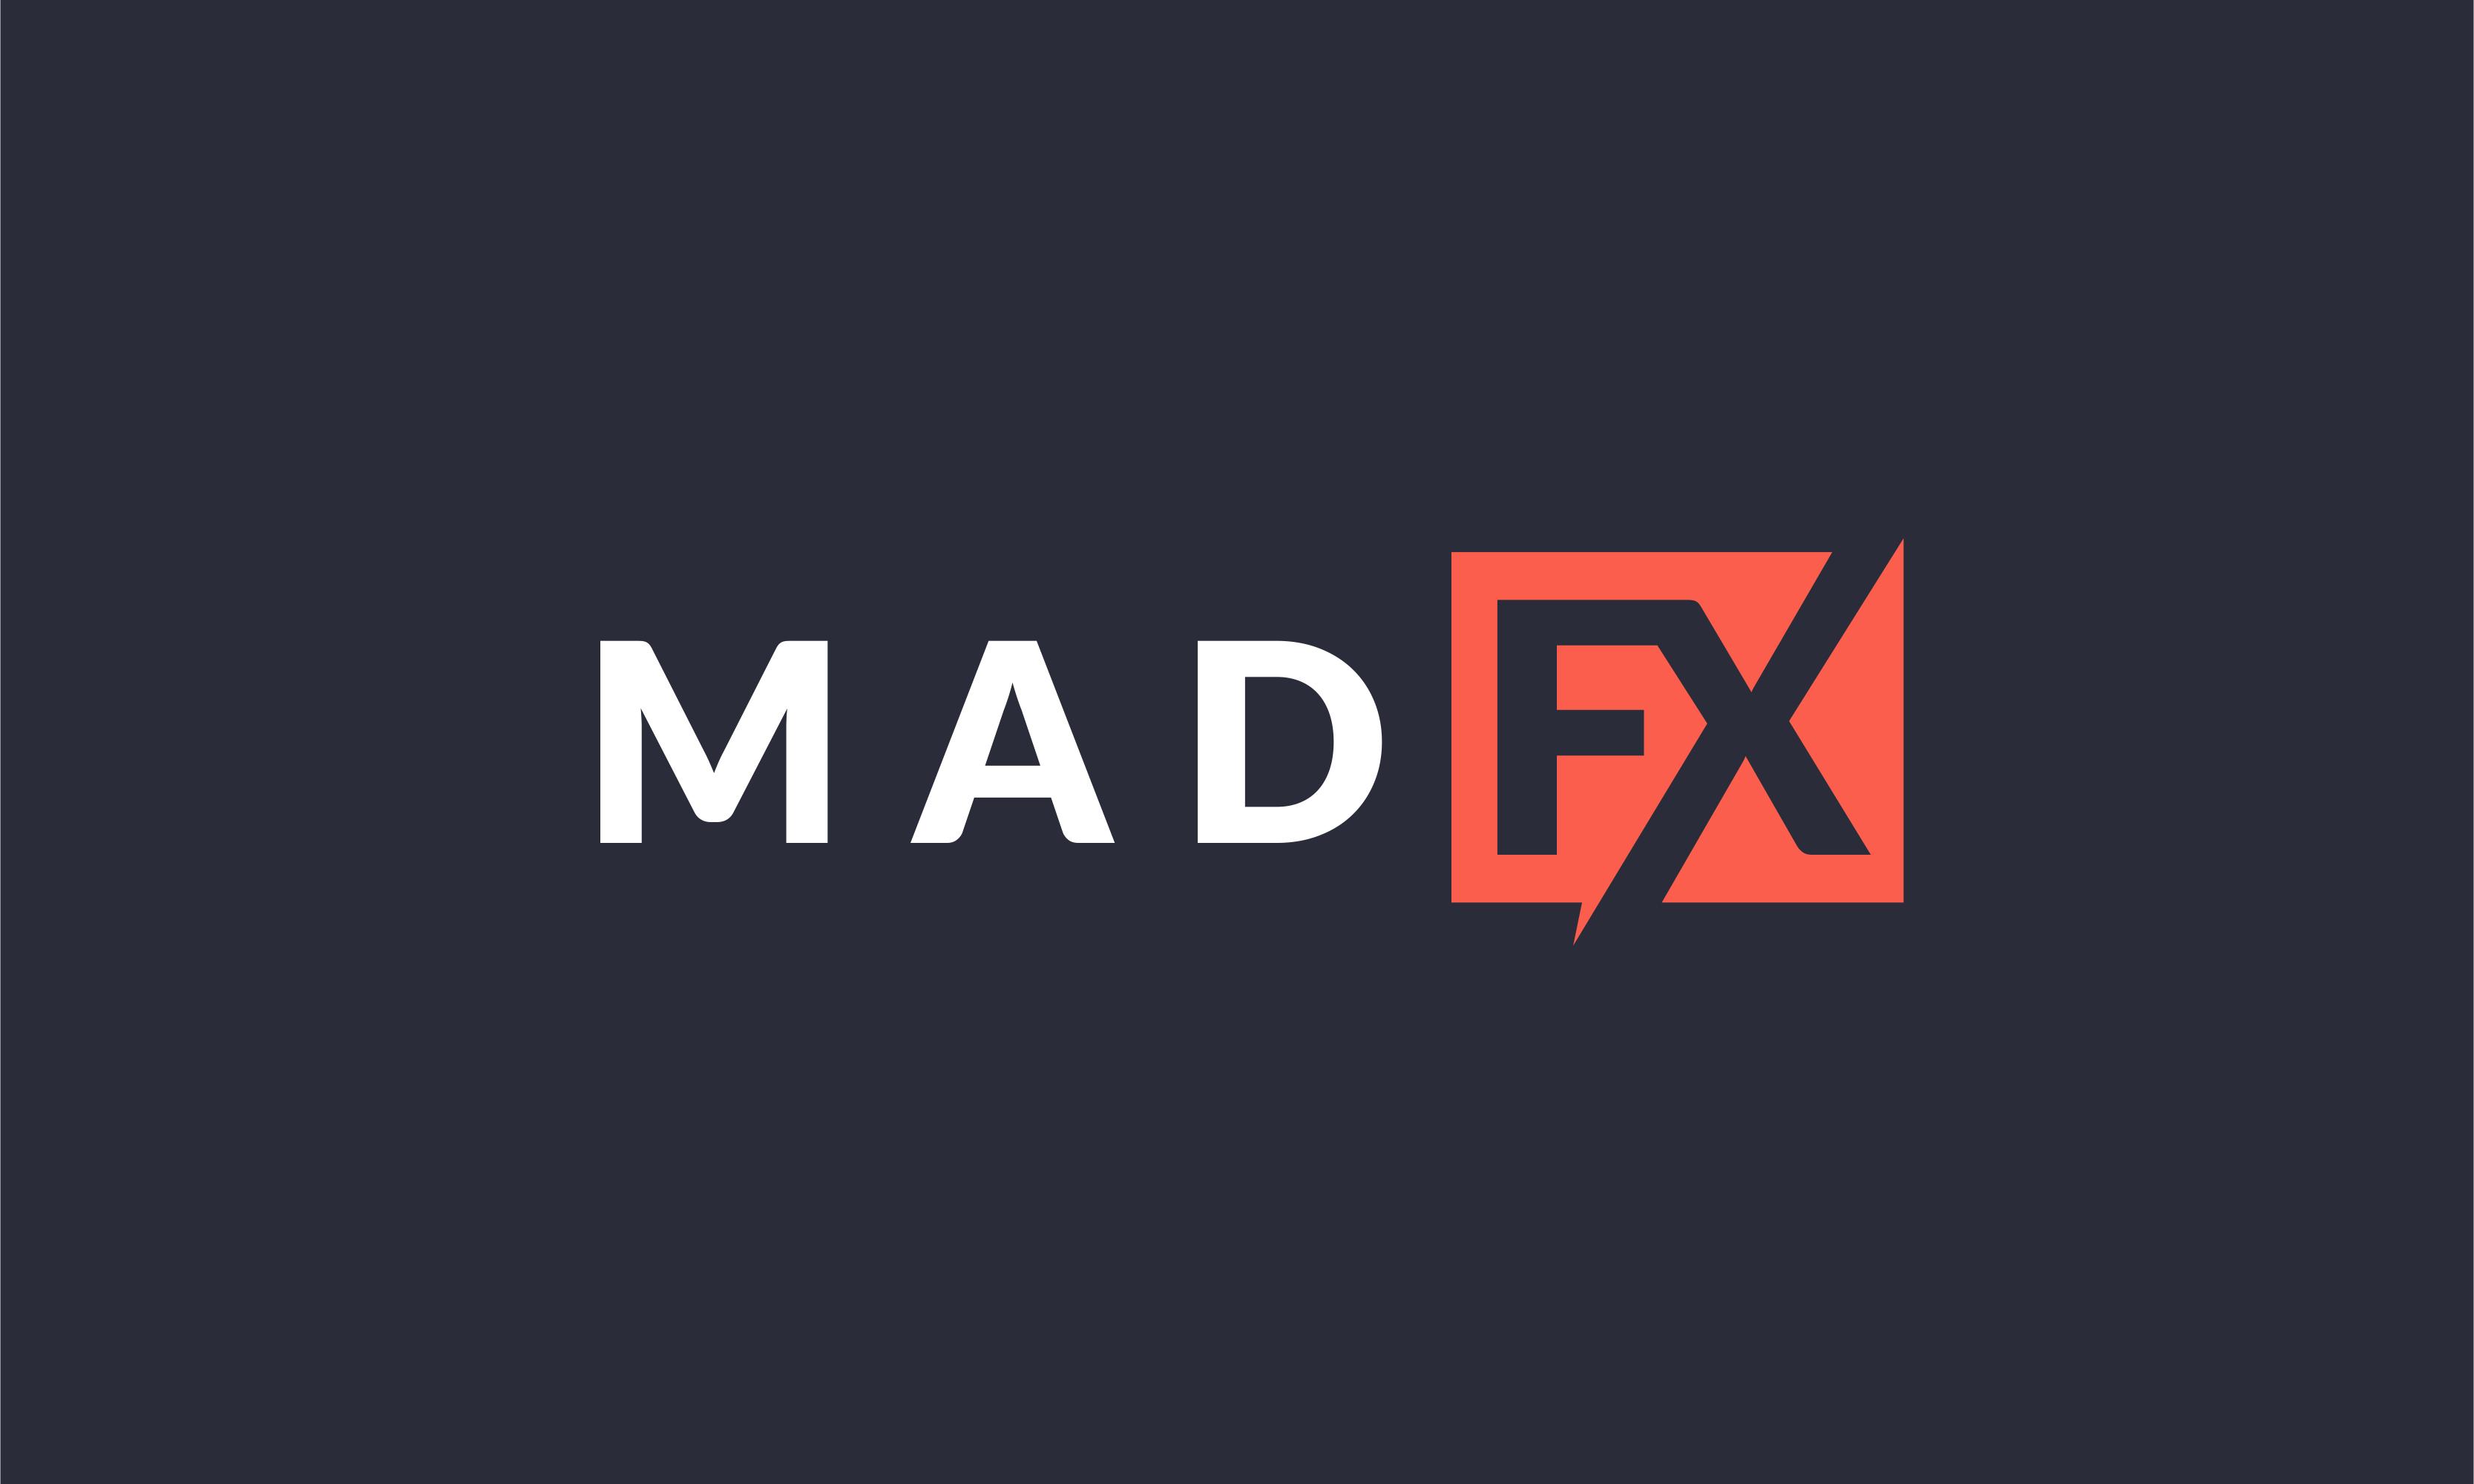 Madfx